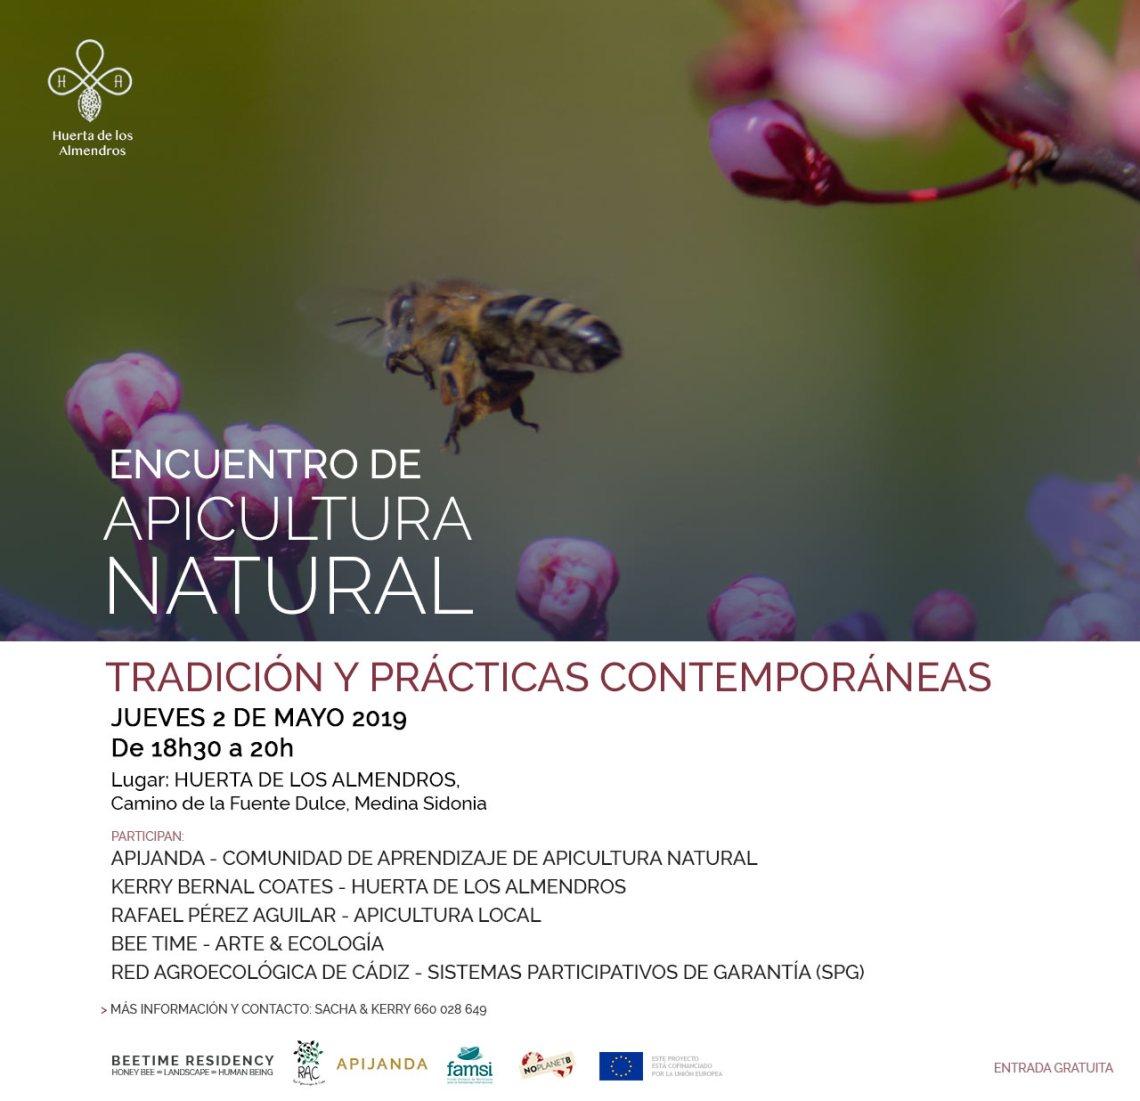 Encuentro de apicultura natural - tradición y prácticas contemporáneas - Medina Sidonia